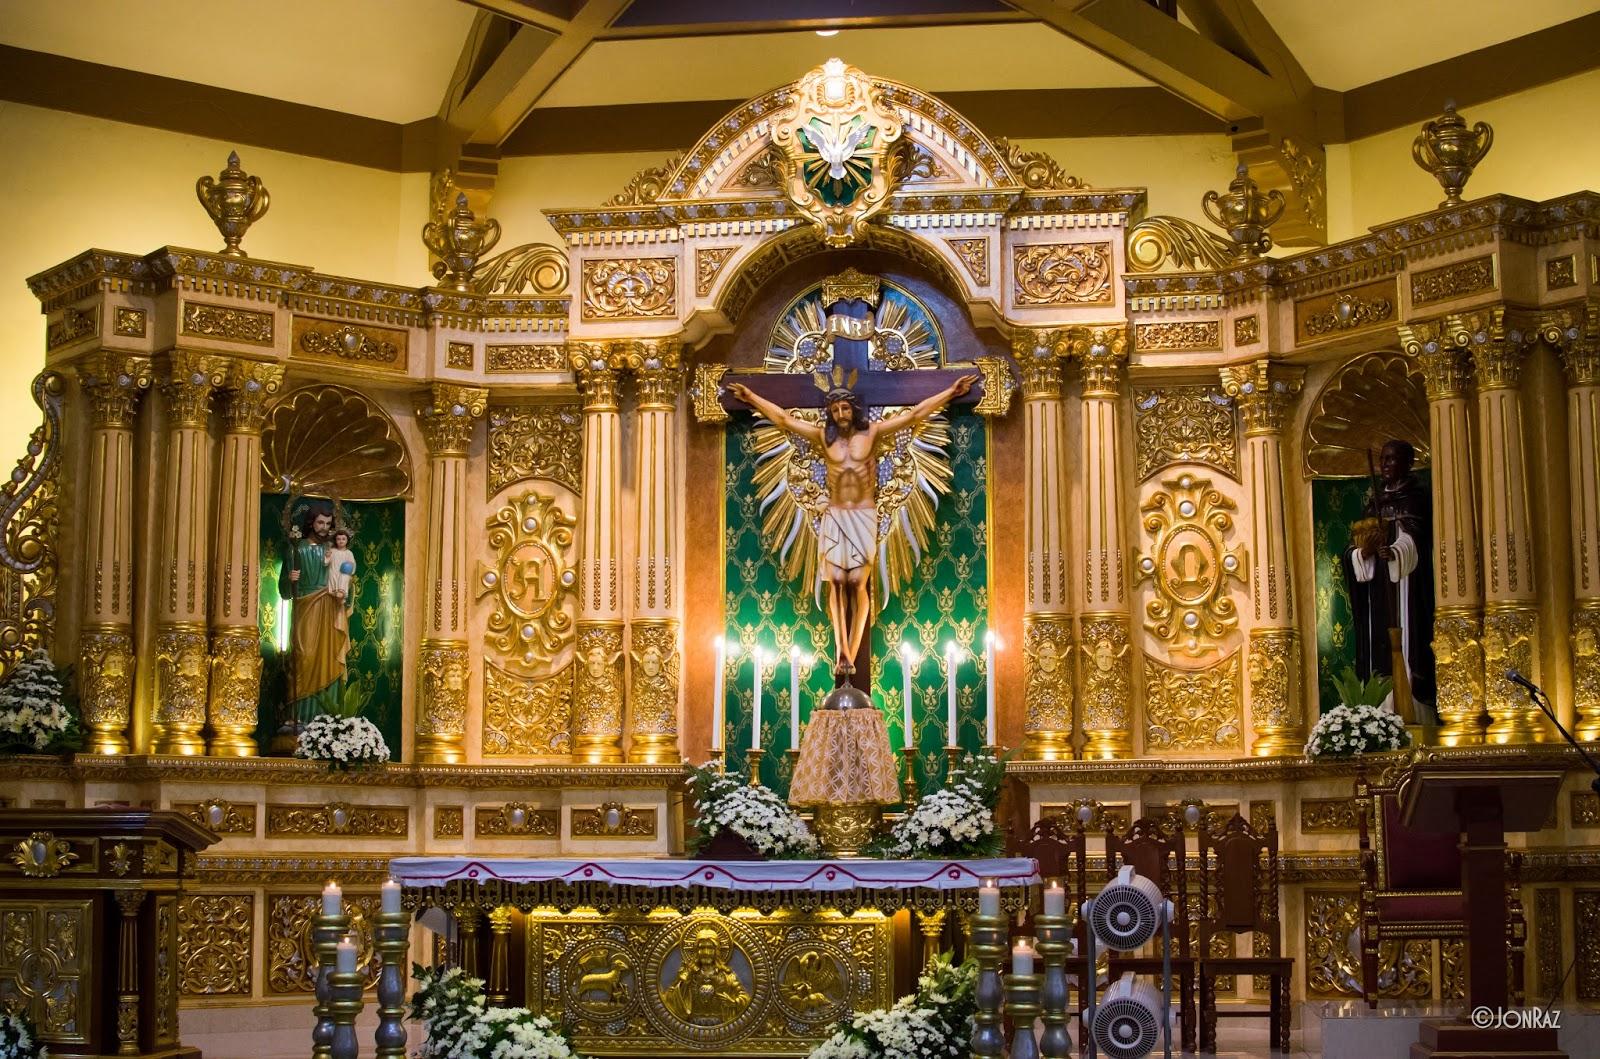 Holy Cross Parish, Laoac, Pangasinan